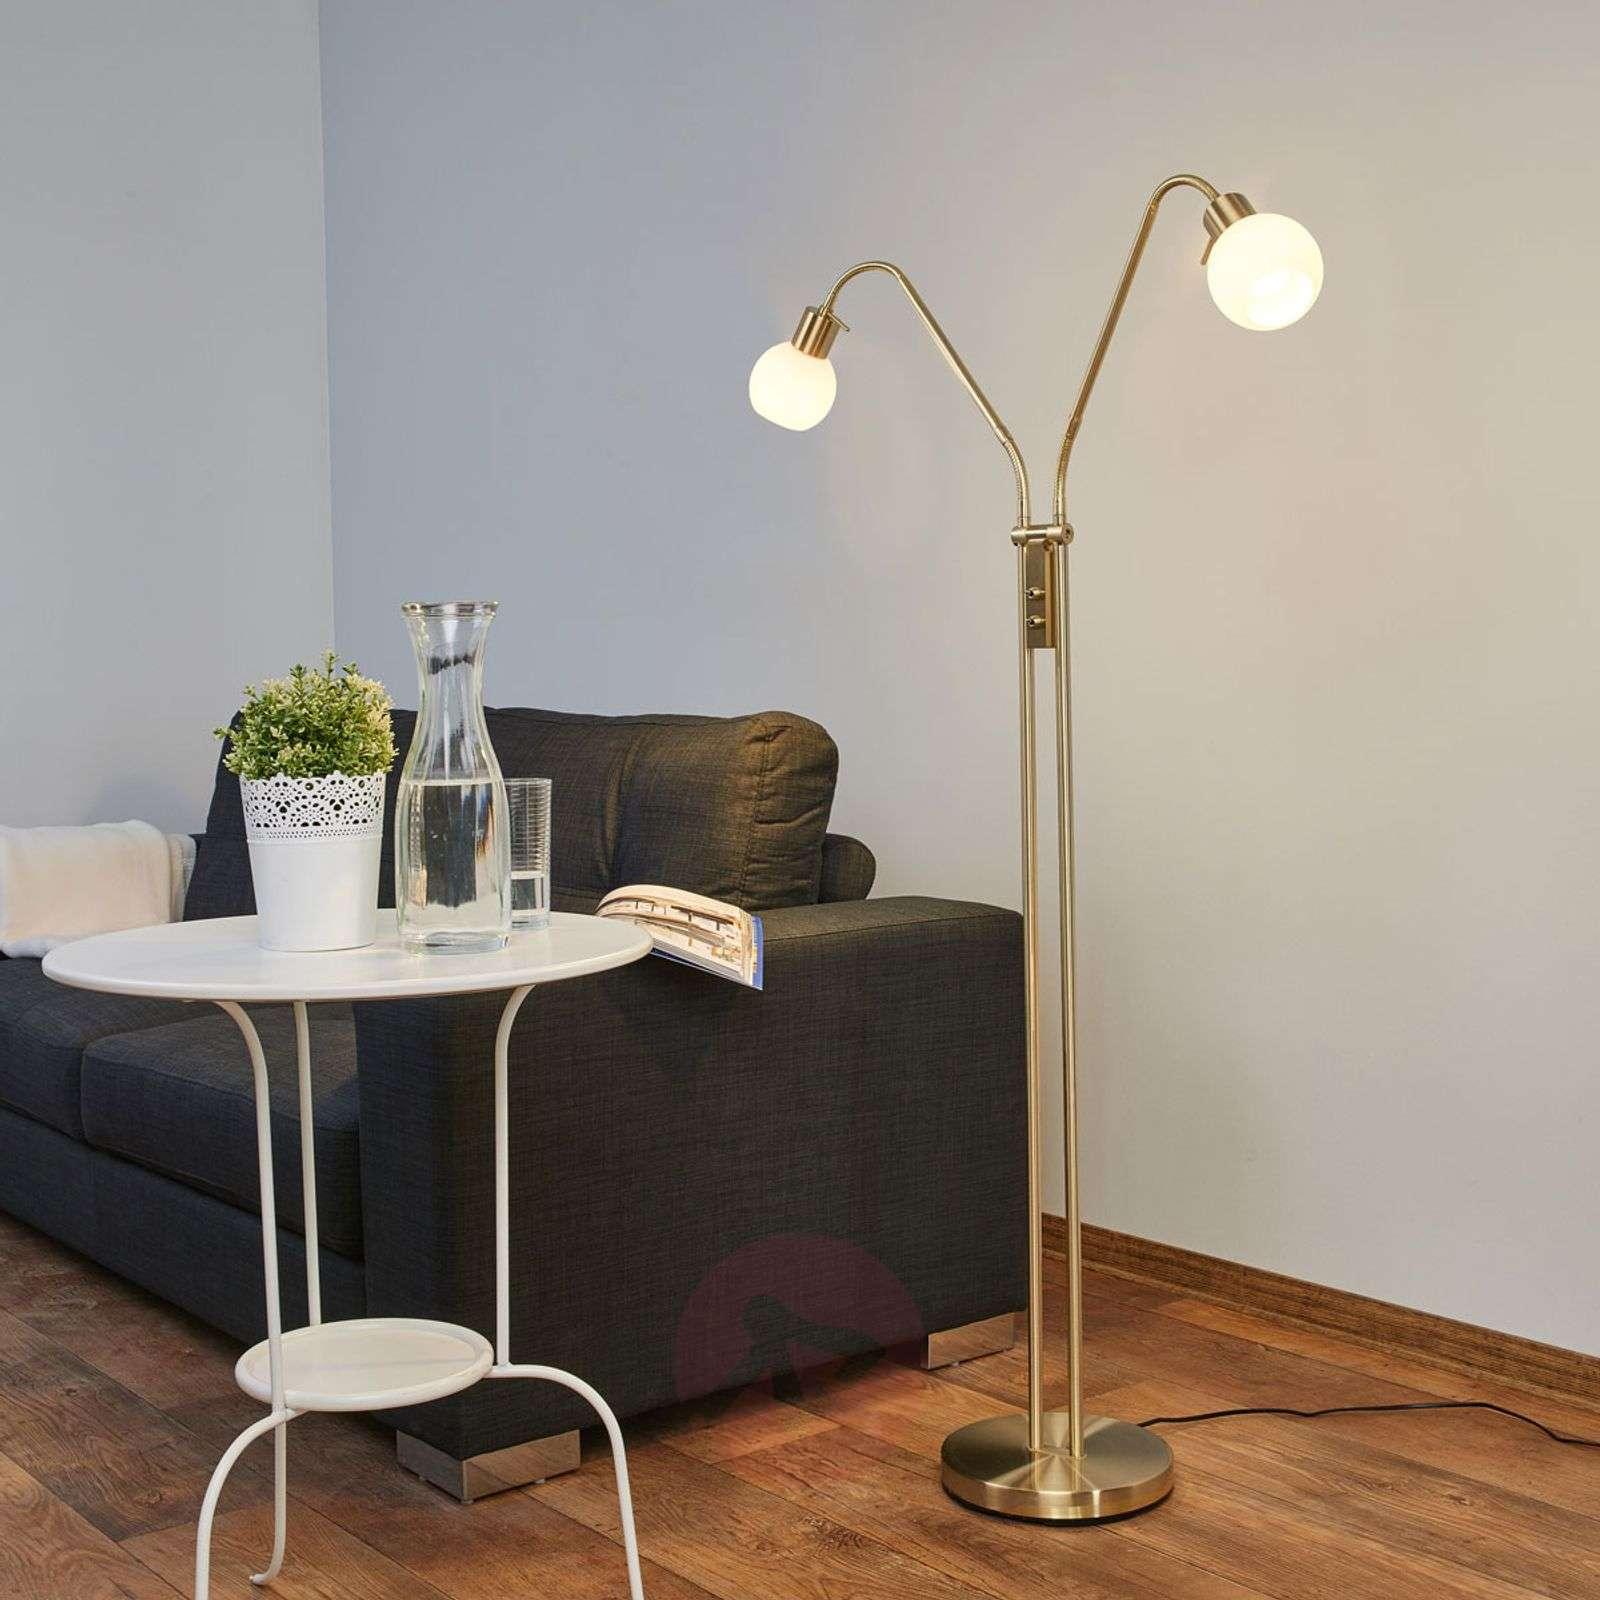 2-lamppuinen LED-lattiavalaisin Elaina, messinki-9620015-01